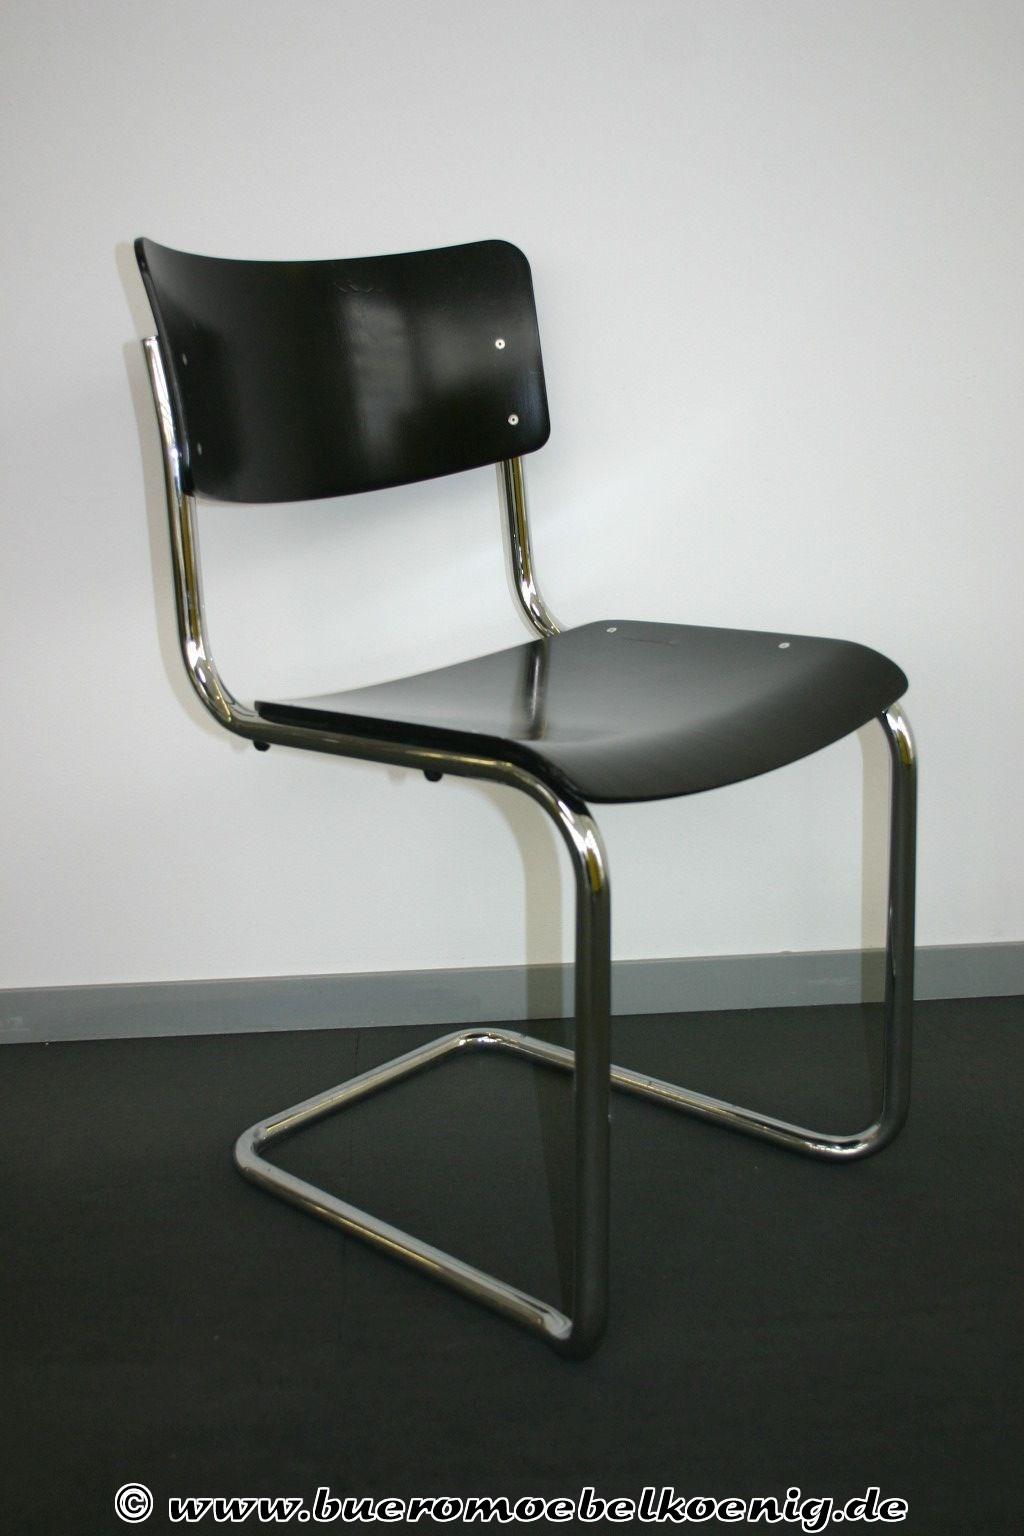 freischwinger in schwarz von thonet modell s43. Black Bedroom Furniture Sets. Home Design Ideas